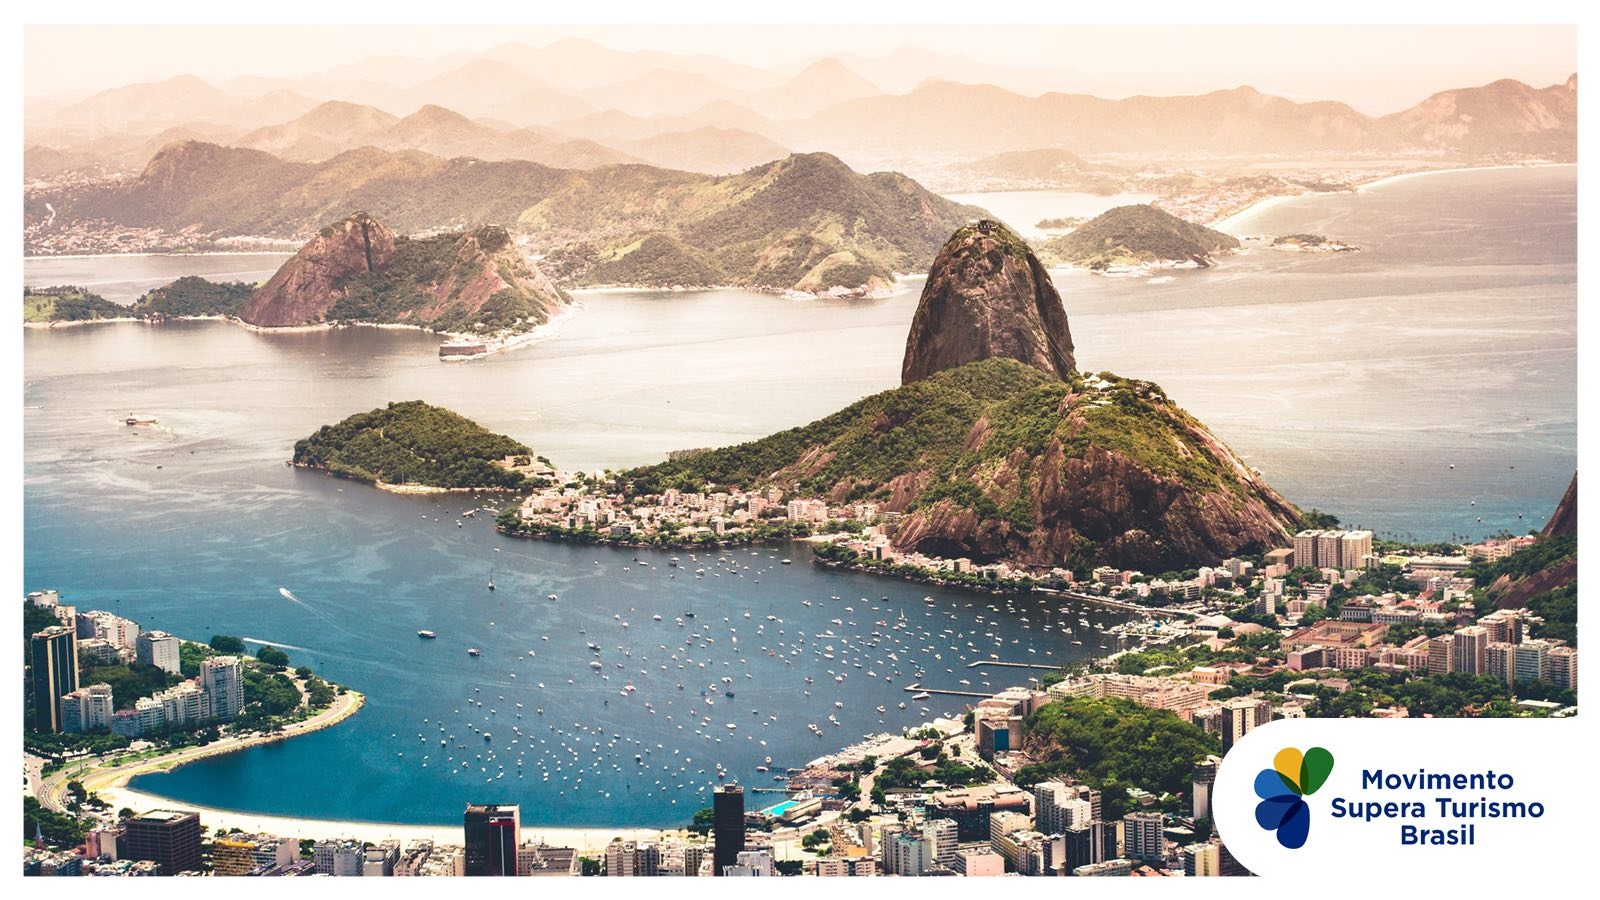 Supera Turismo une associações e empresas em prol da retomada